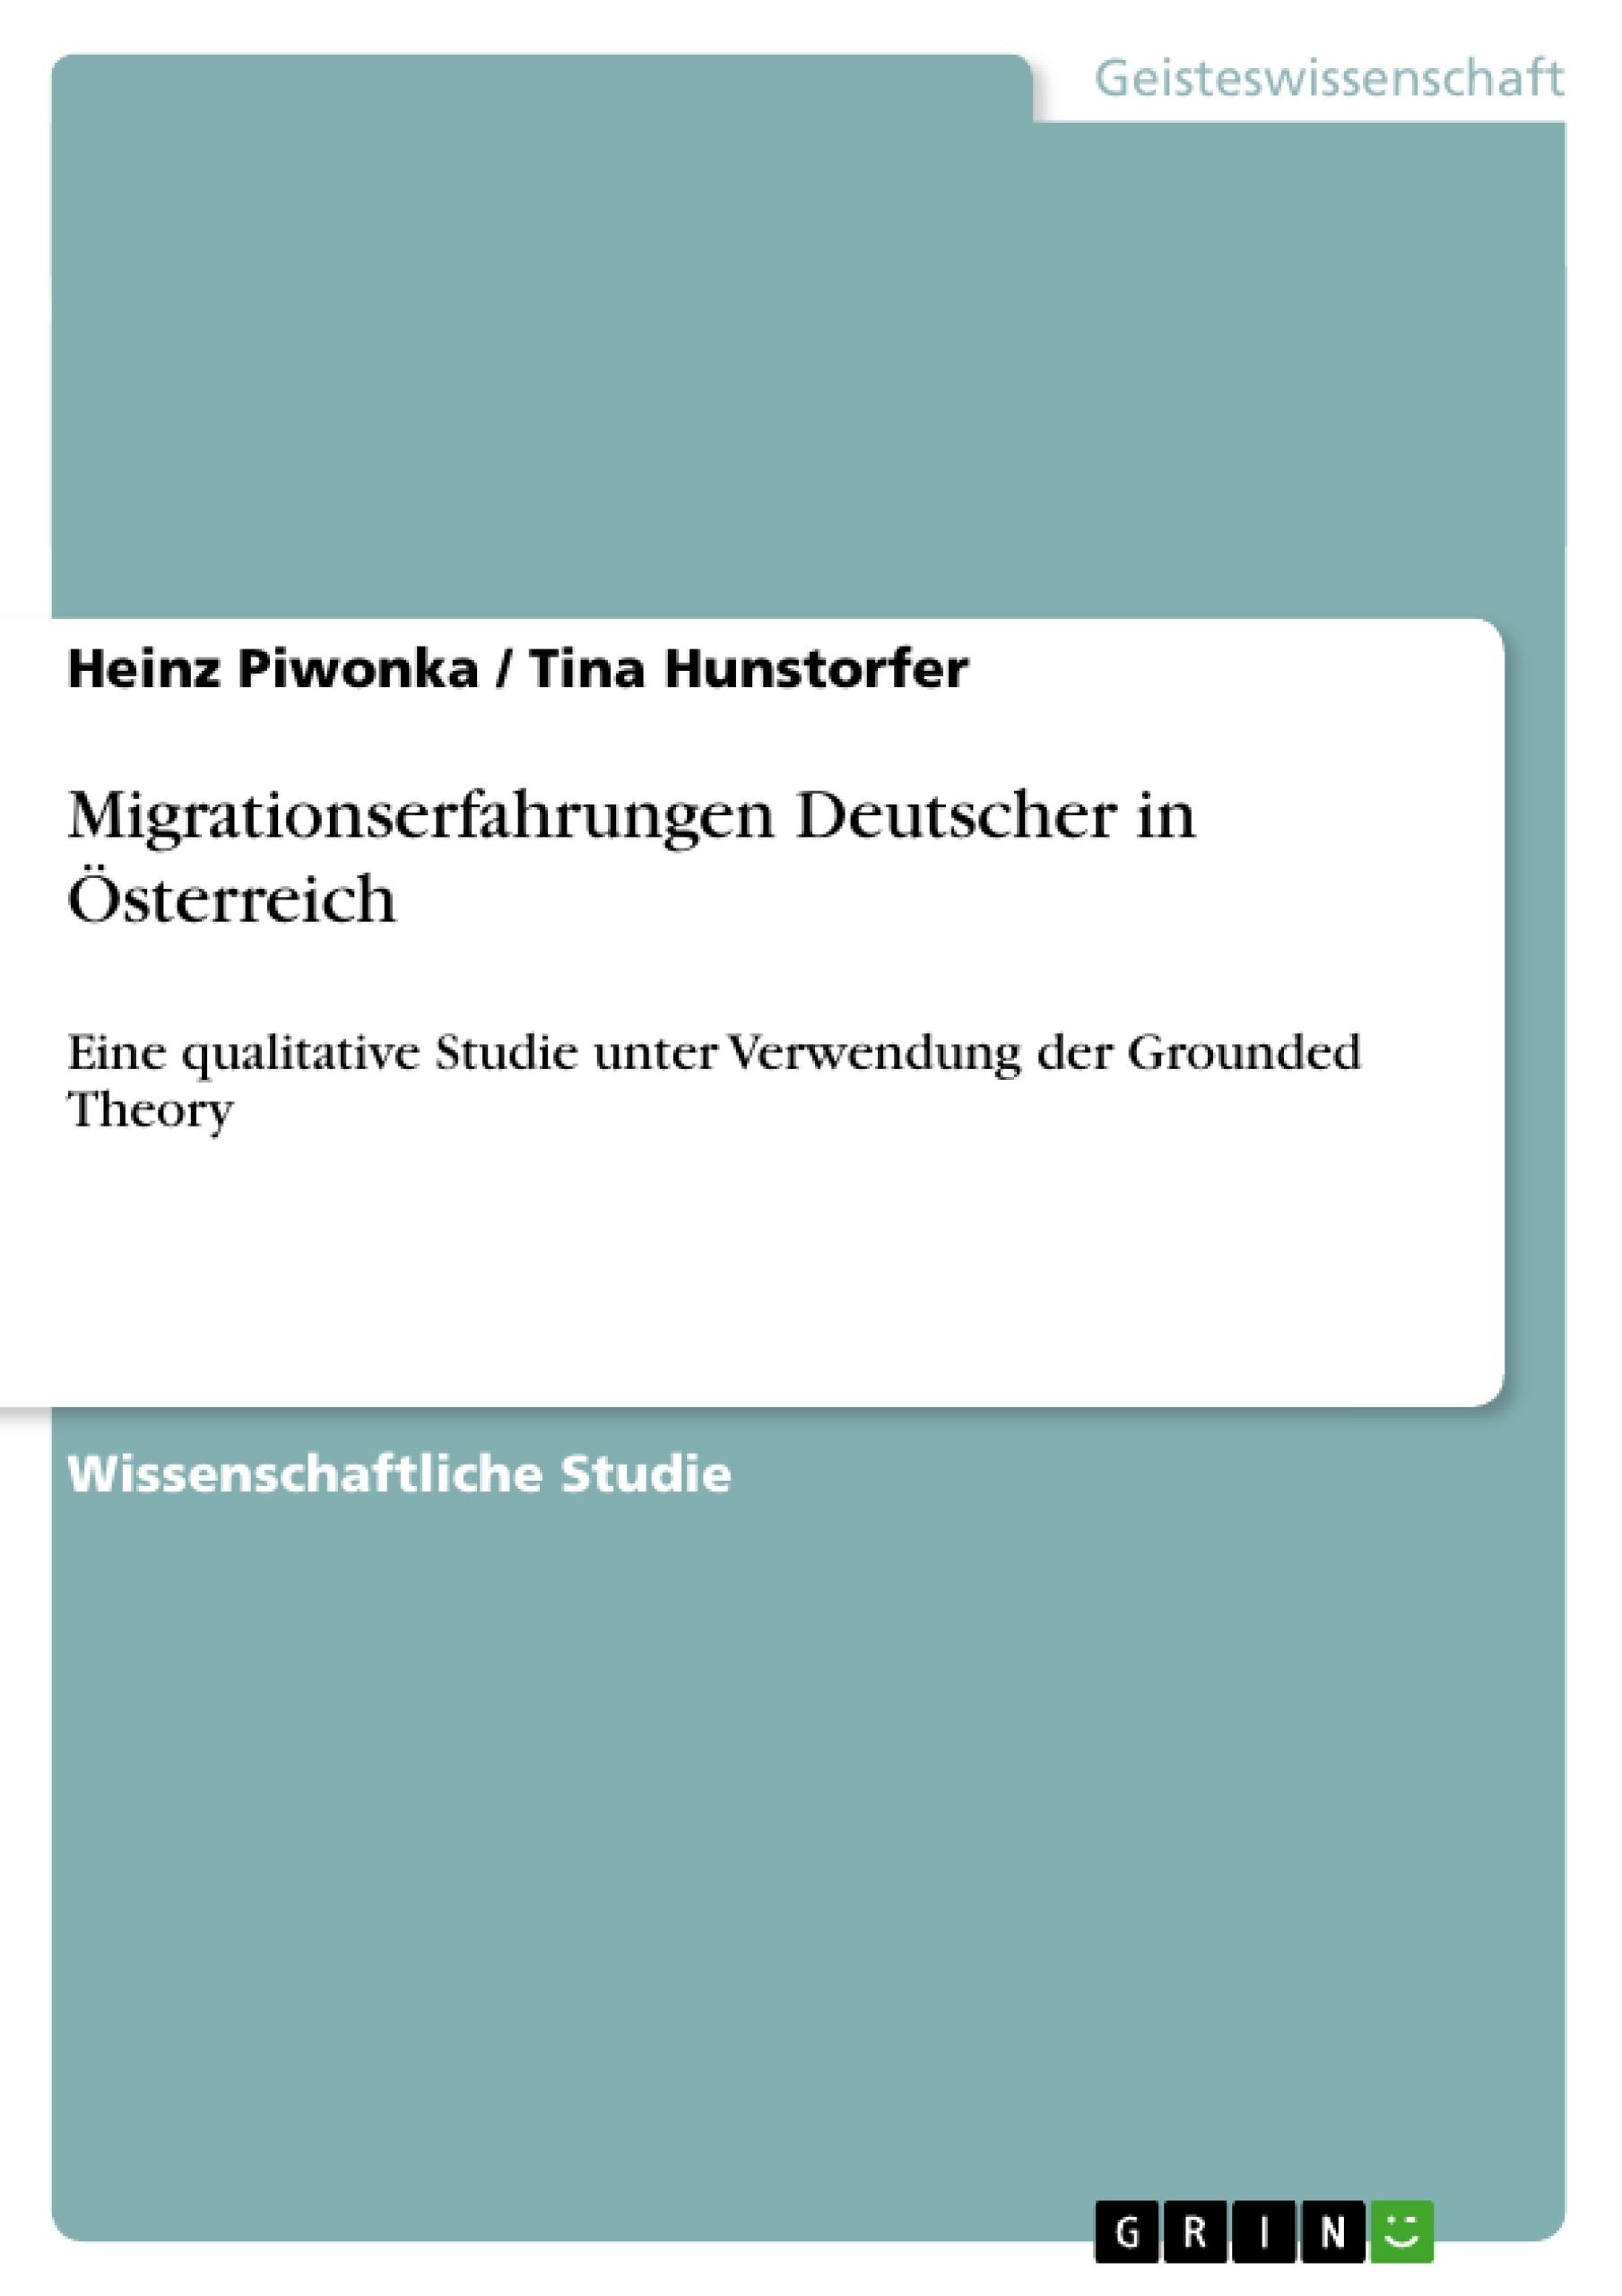 Titel: Migrationserfahrungen Deutscher in Österreich